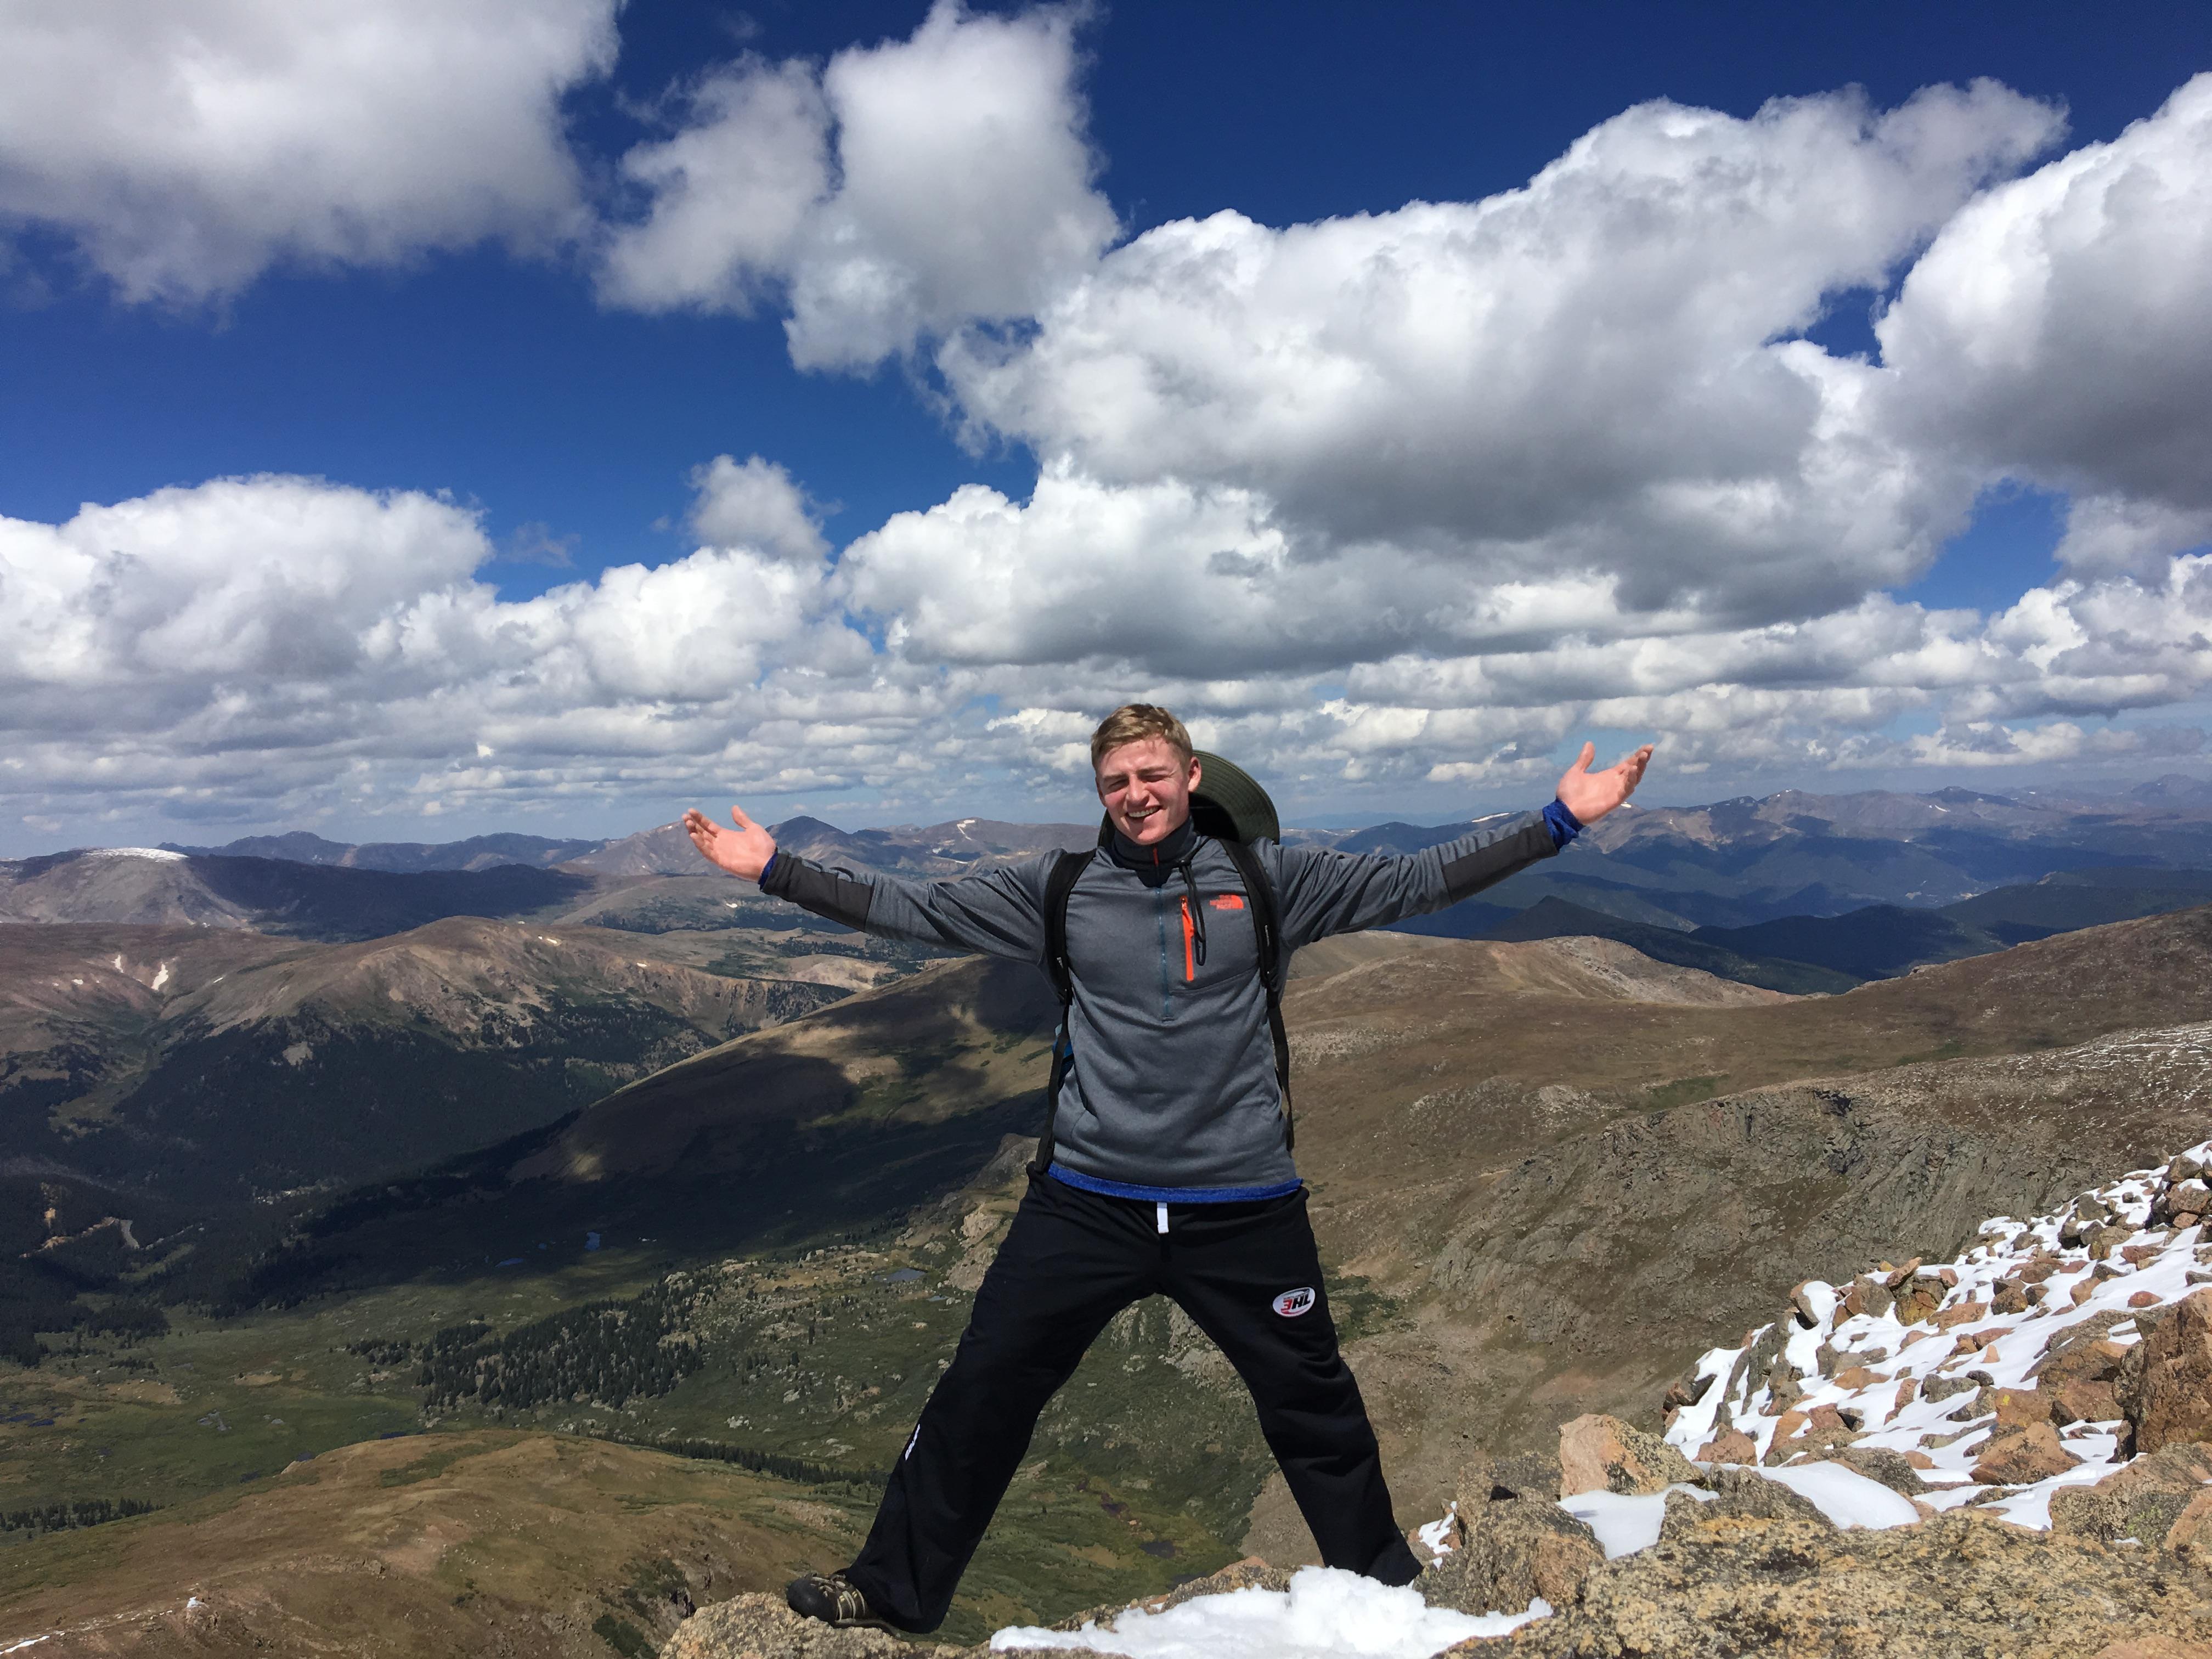 Top of Mt. Bierstadt (14,065 ft)